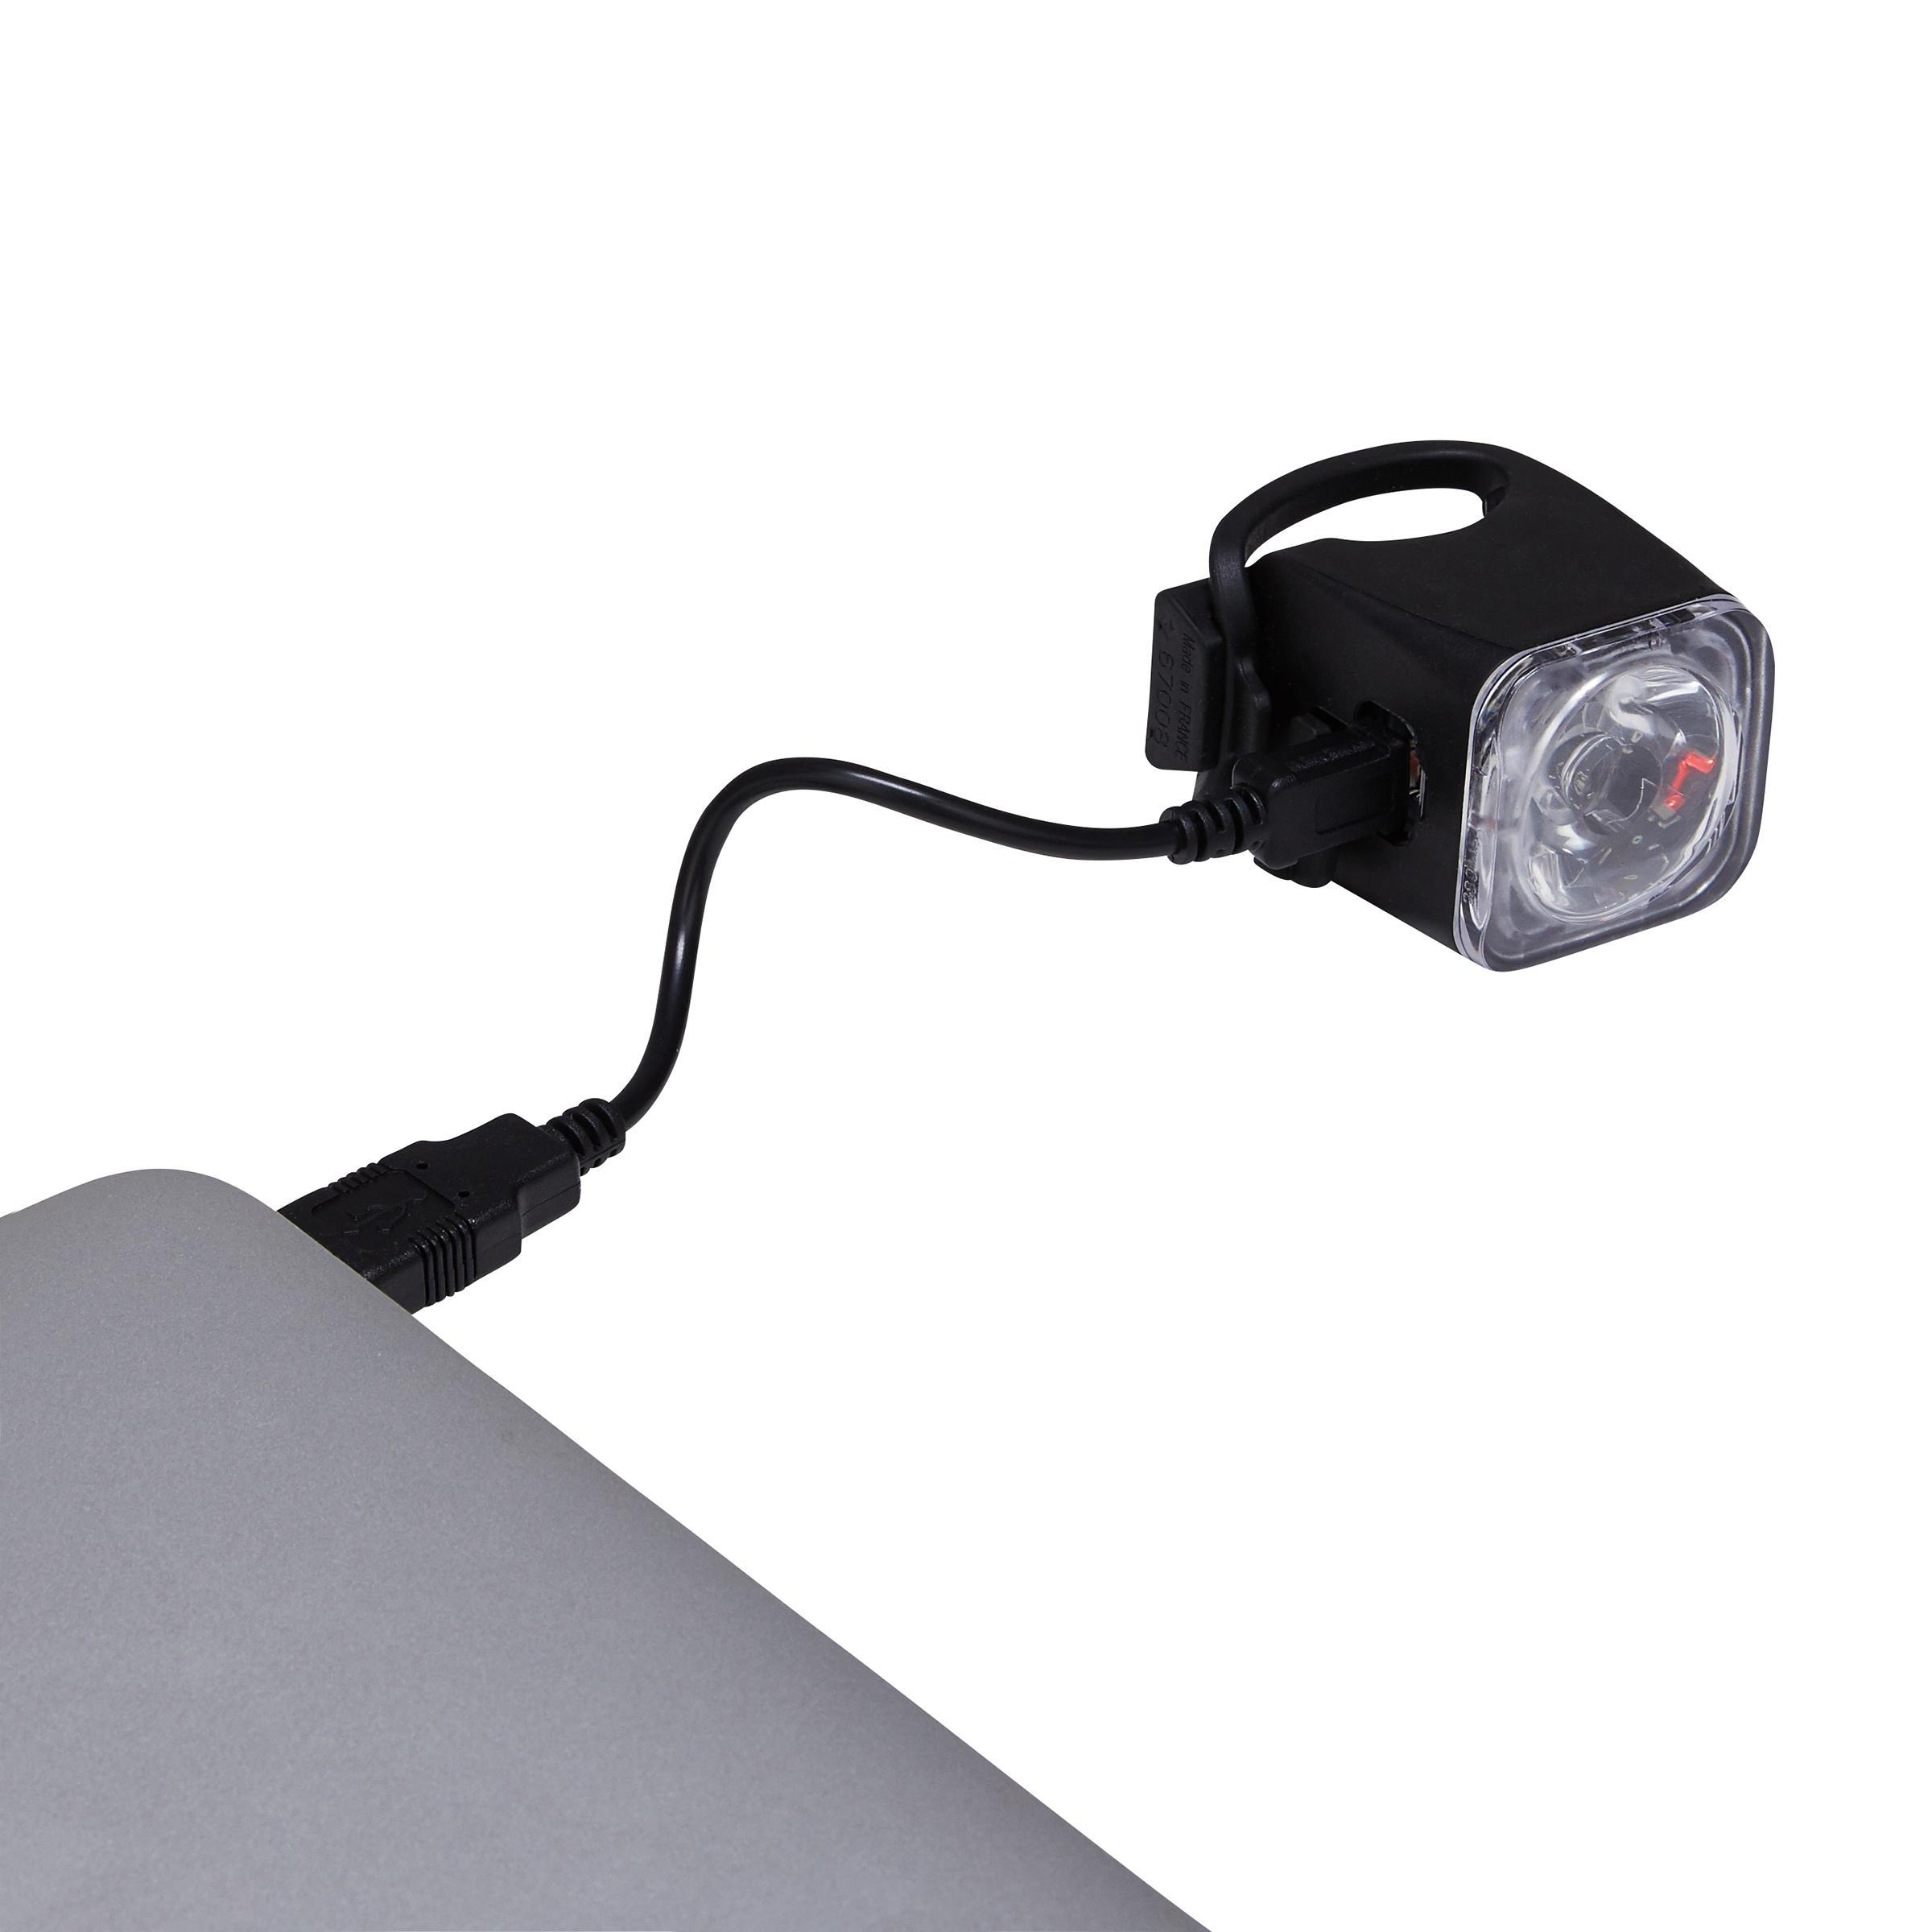 ÉCLAIRAGE VÉLO DEL FL 500 AVANT USB